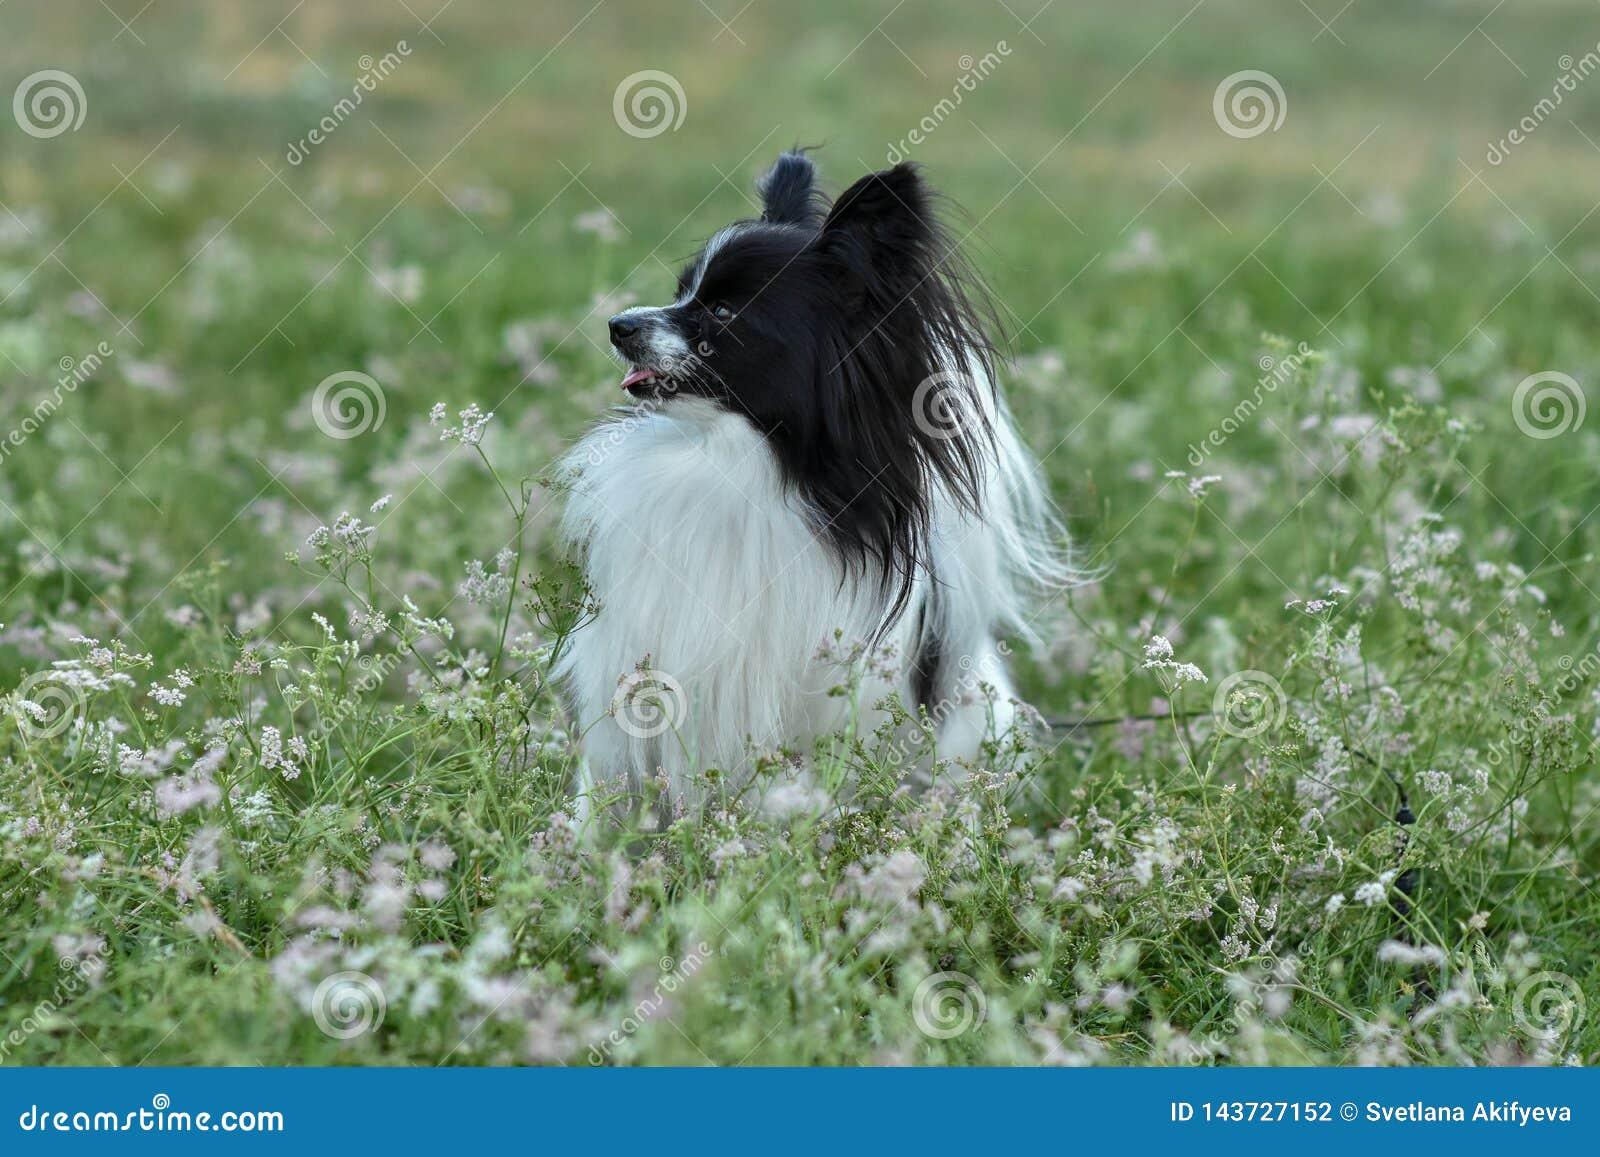 Πορτρέτο ενός καθαρής φυλής σκυλιού Papillon στη χλόη